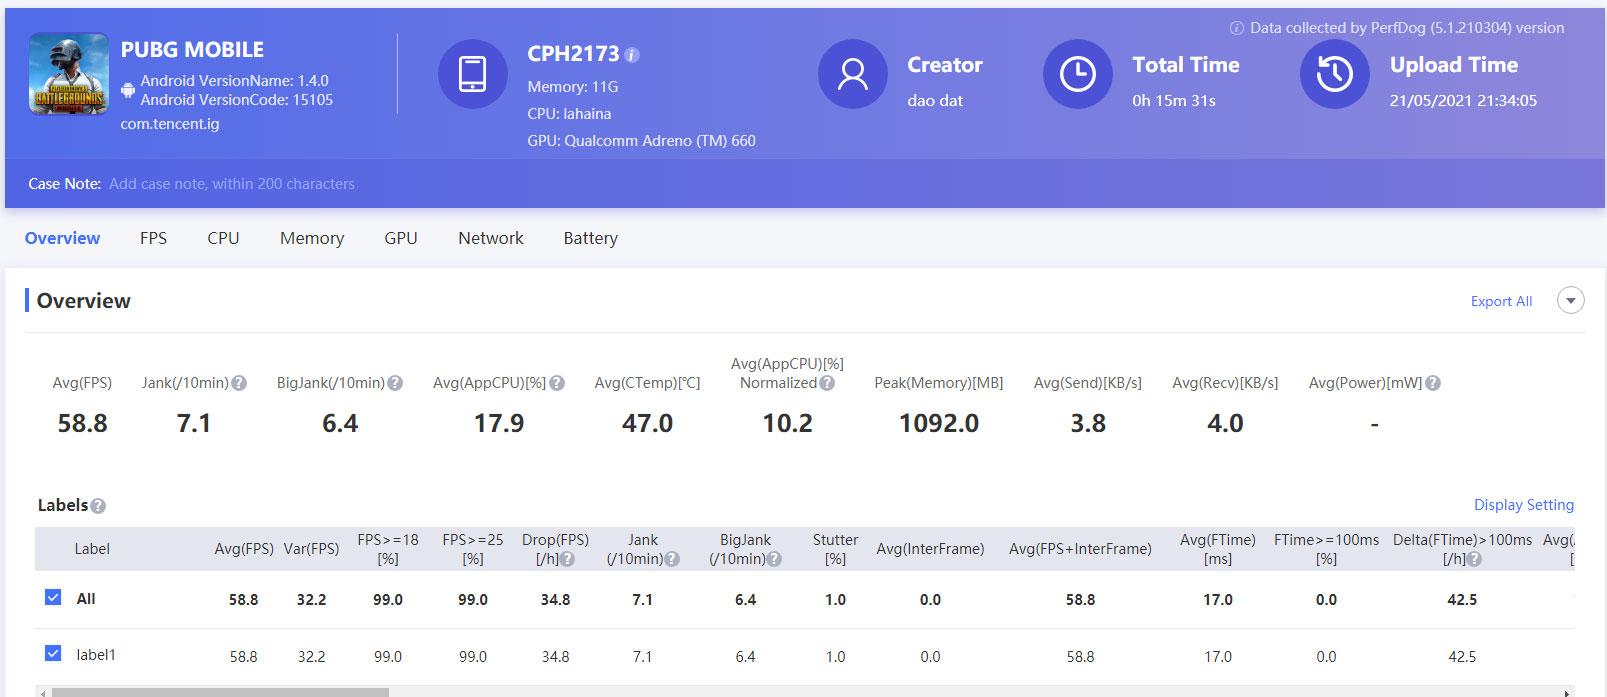 Đánh giá Oppo Find X3 Pro: flagship gần như toàn diện - VnReview 2020 41